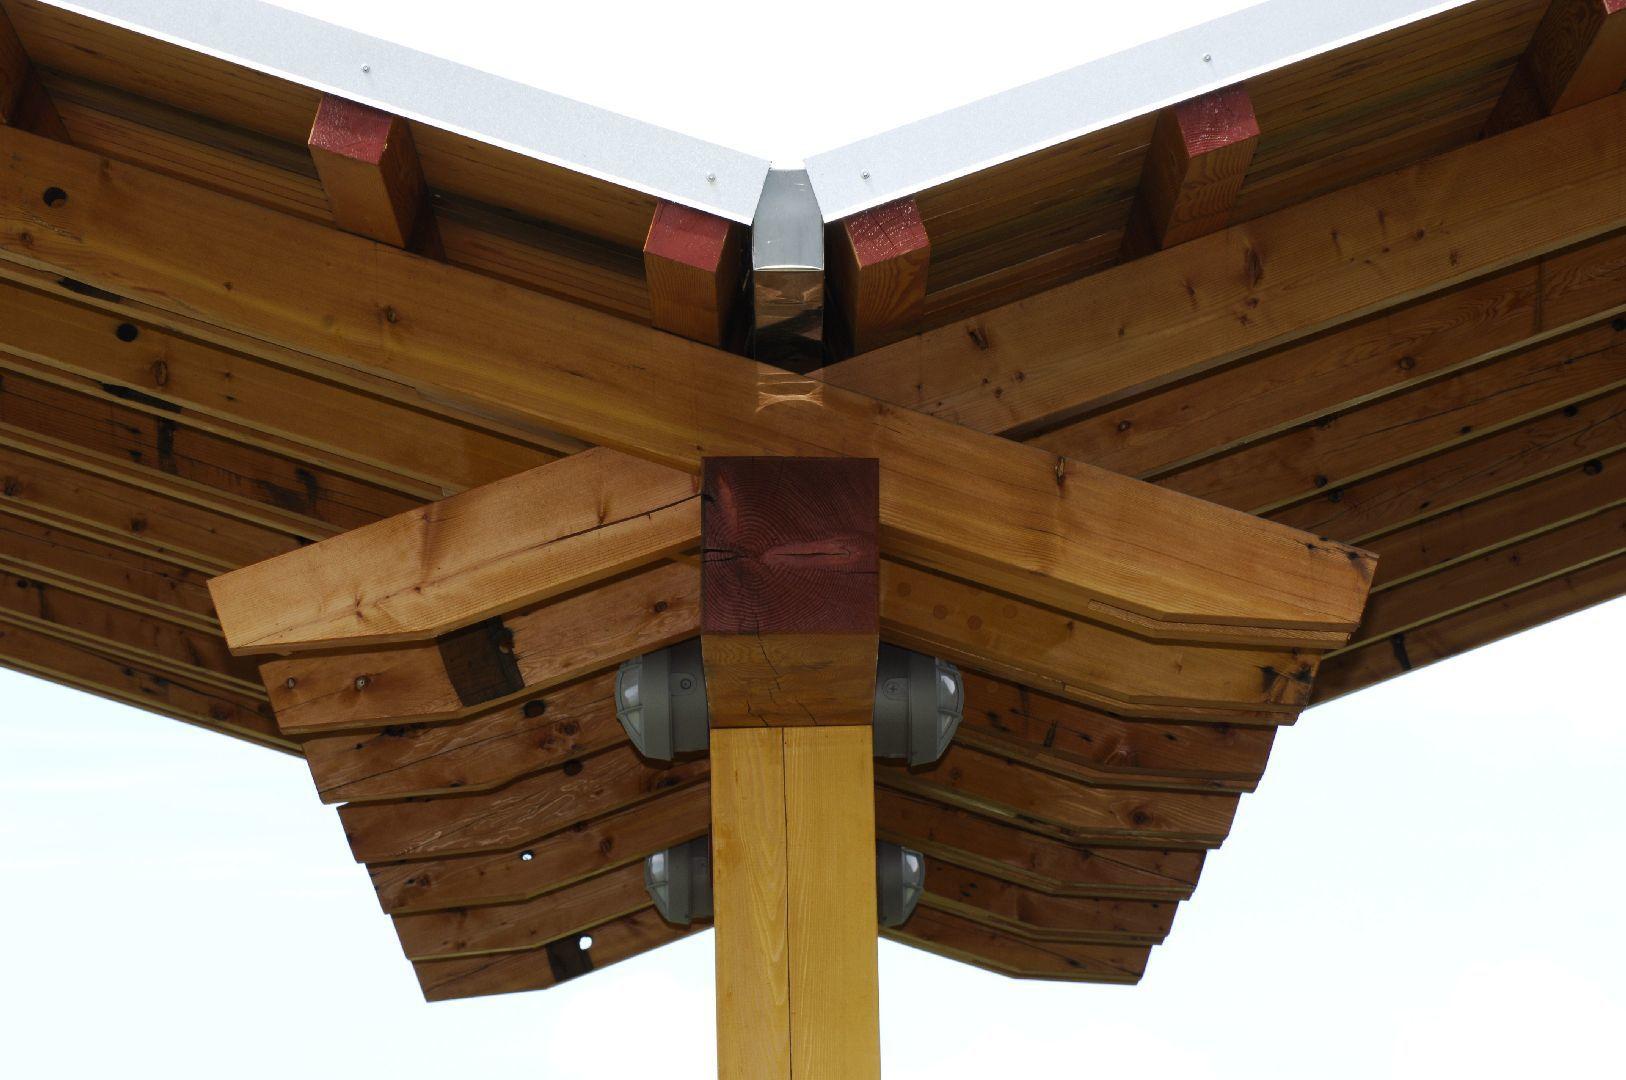 Bellingham Timber Frame Pavilion - Roof Construction